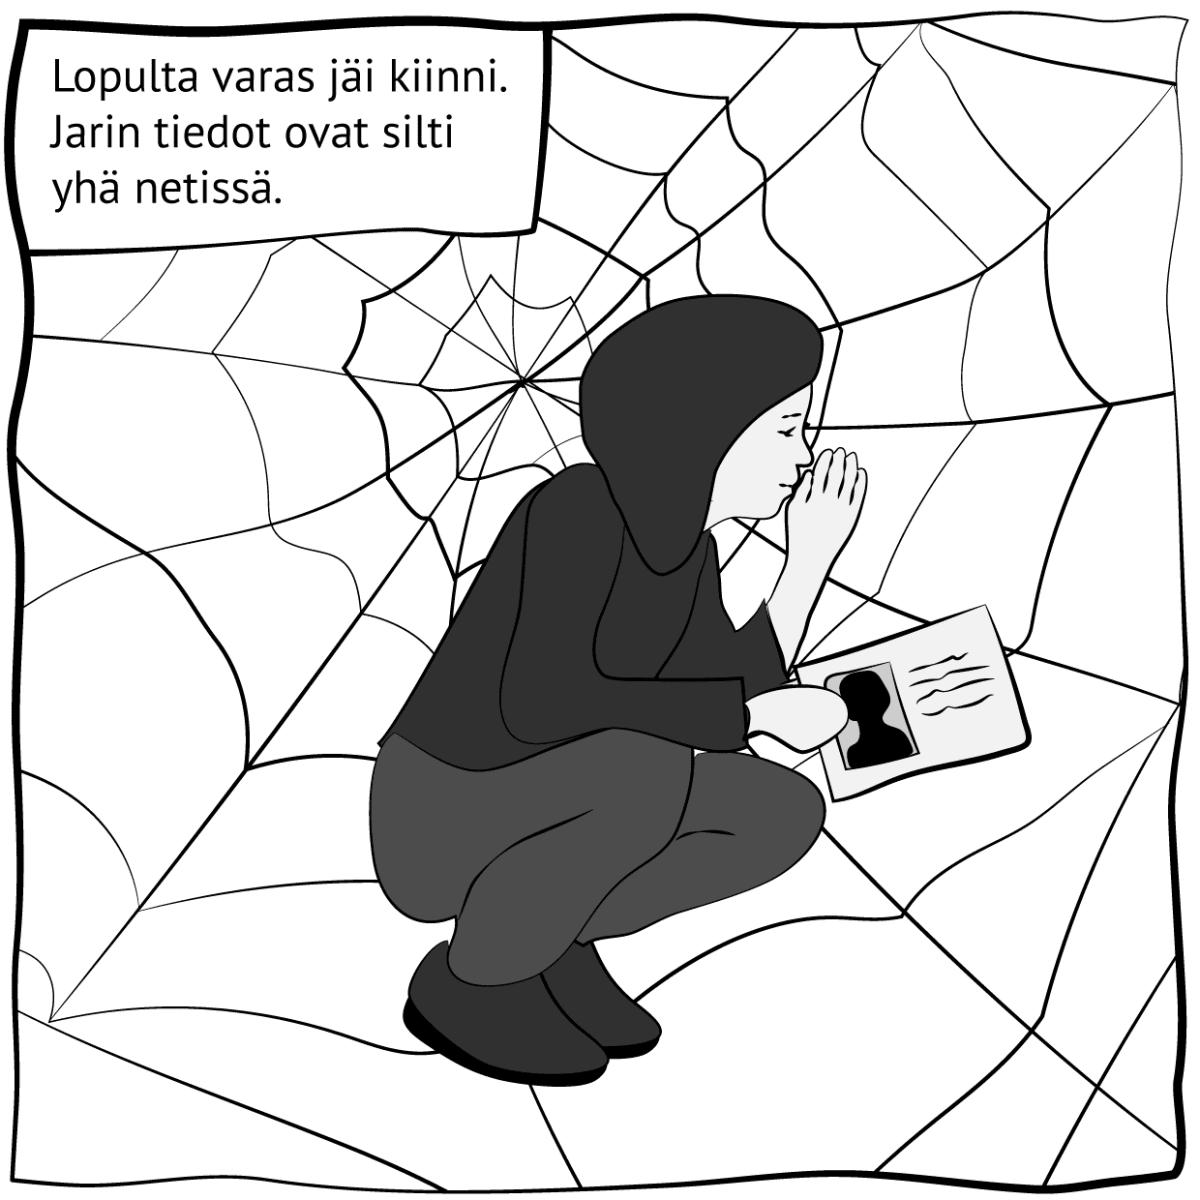 """Piirroskuva, jossa lukee """"Lopulta varas jäi kiinni. Jarin tiedot ovat silti yhä netissä."""" Kuva: Stina Tuominen / Yle"""